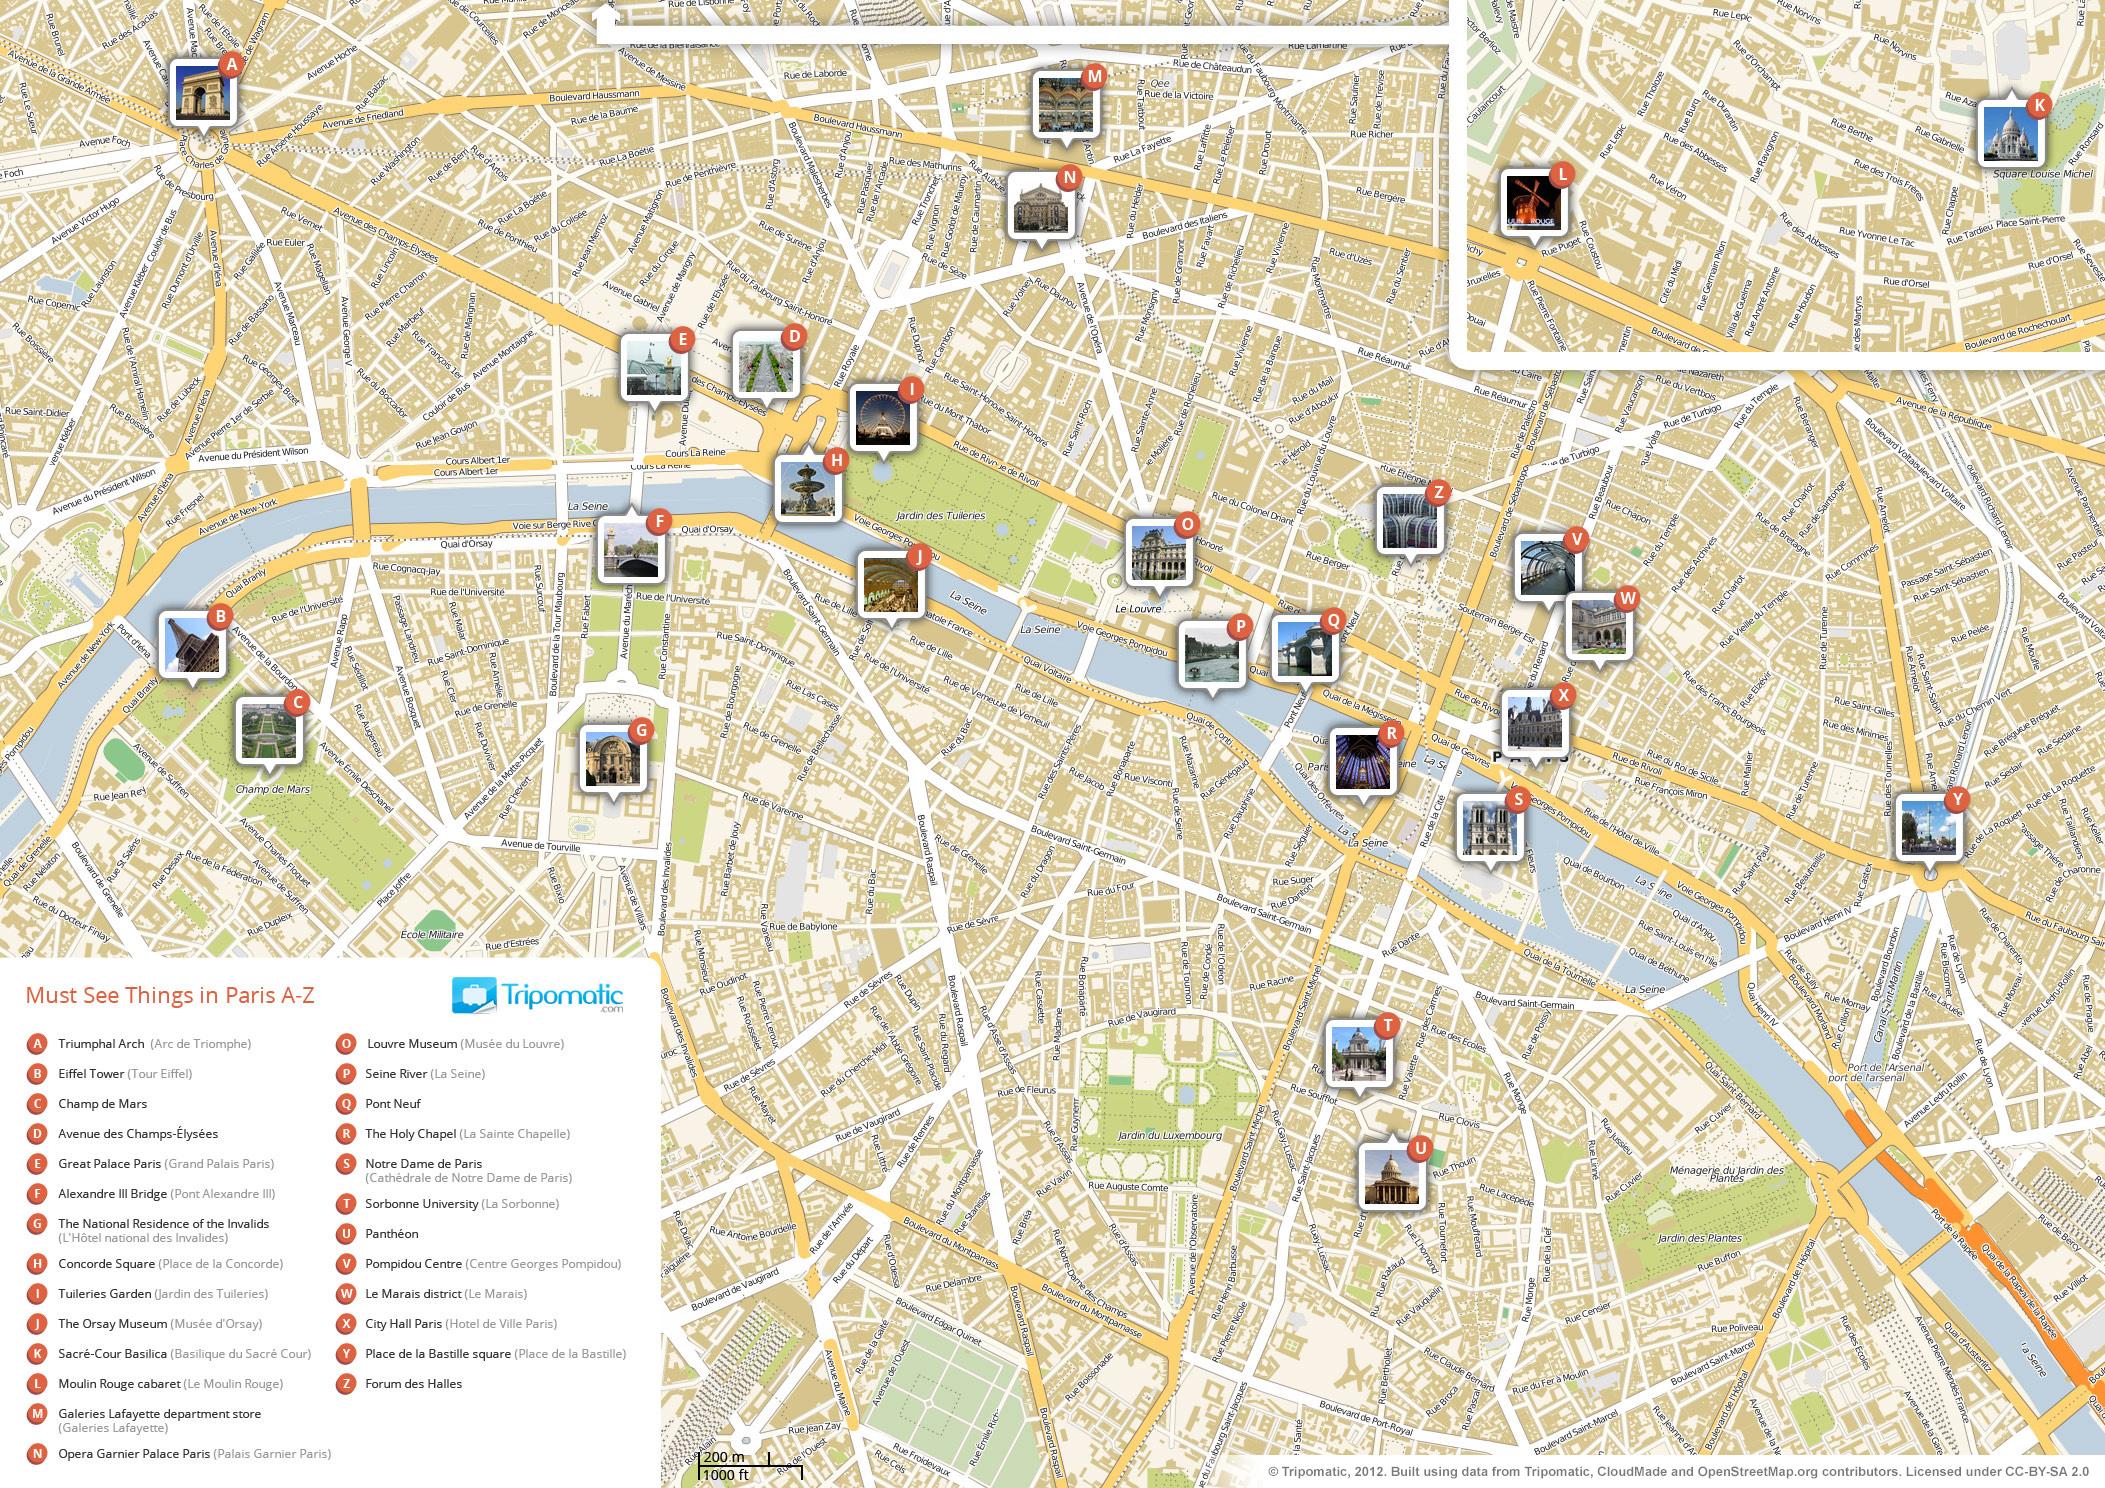 Fichier:paris Printable Tourist Attractions Map — Wikipédia - Printable Map Of Paris Tourist Attractions